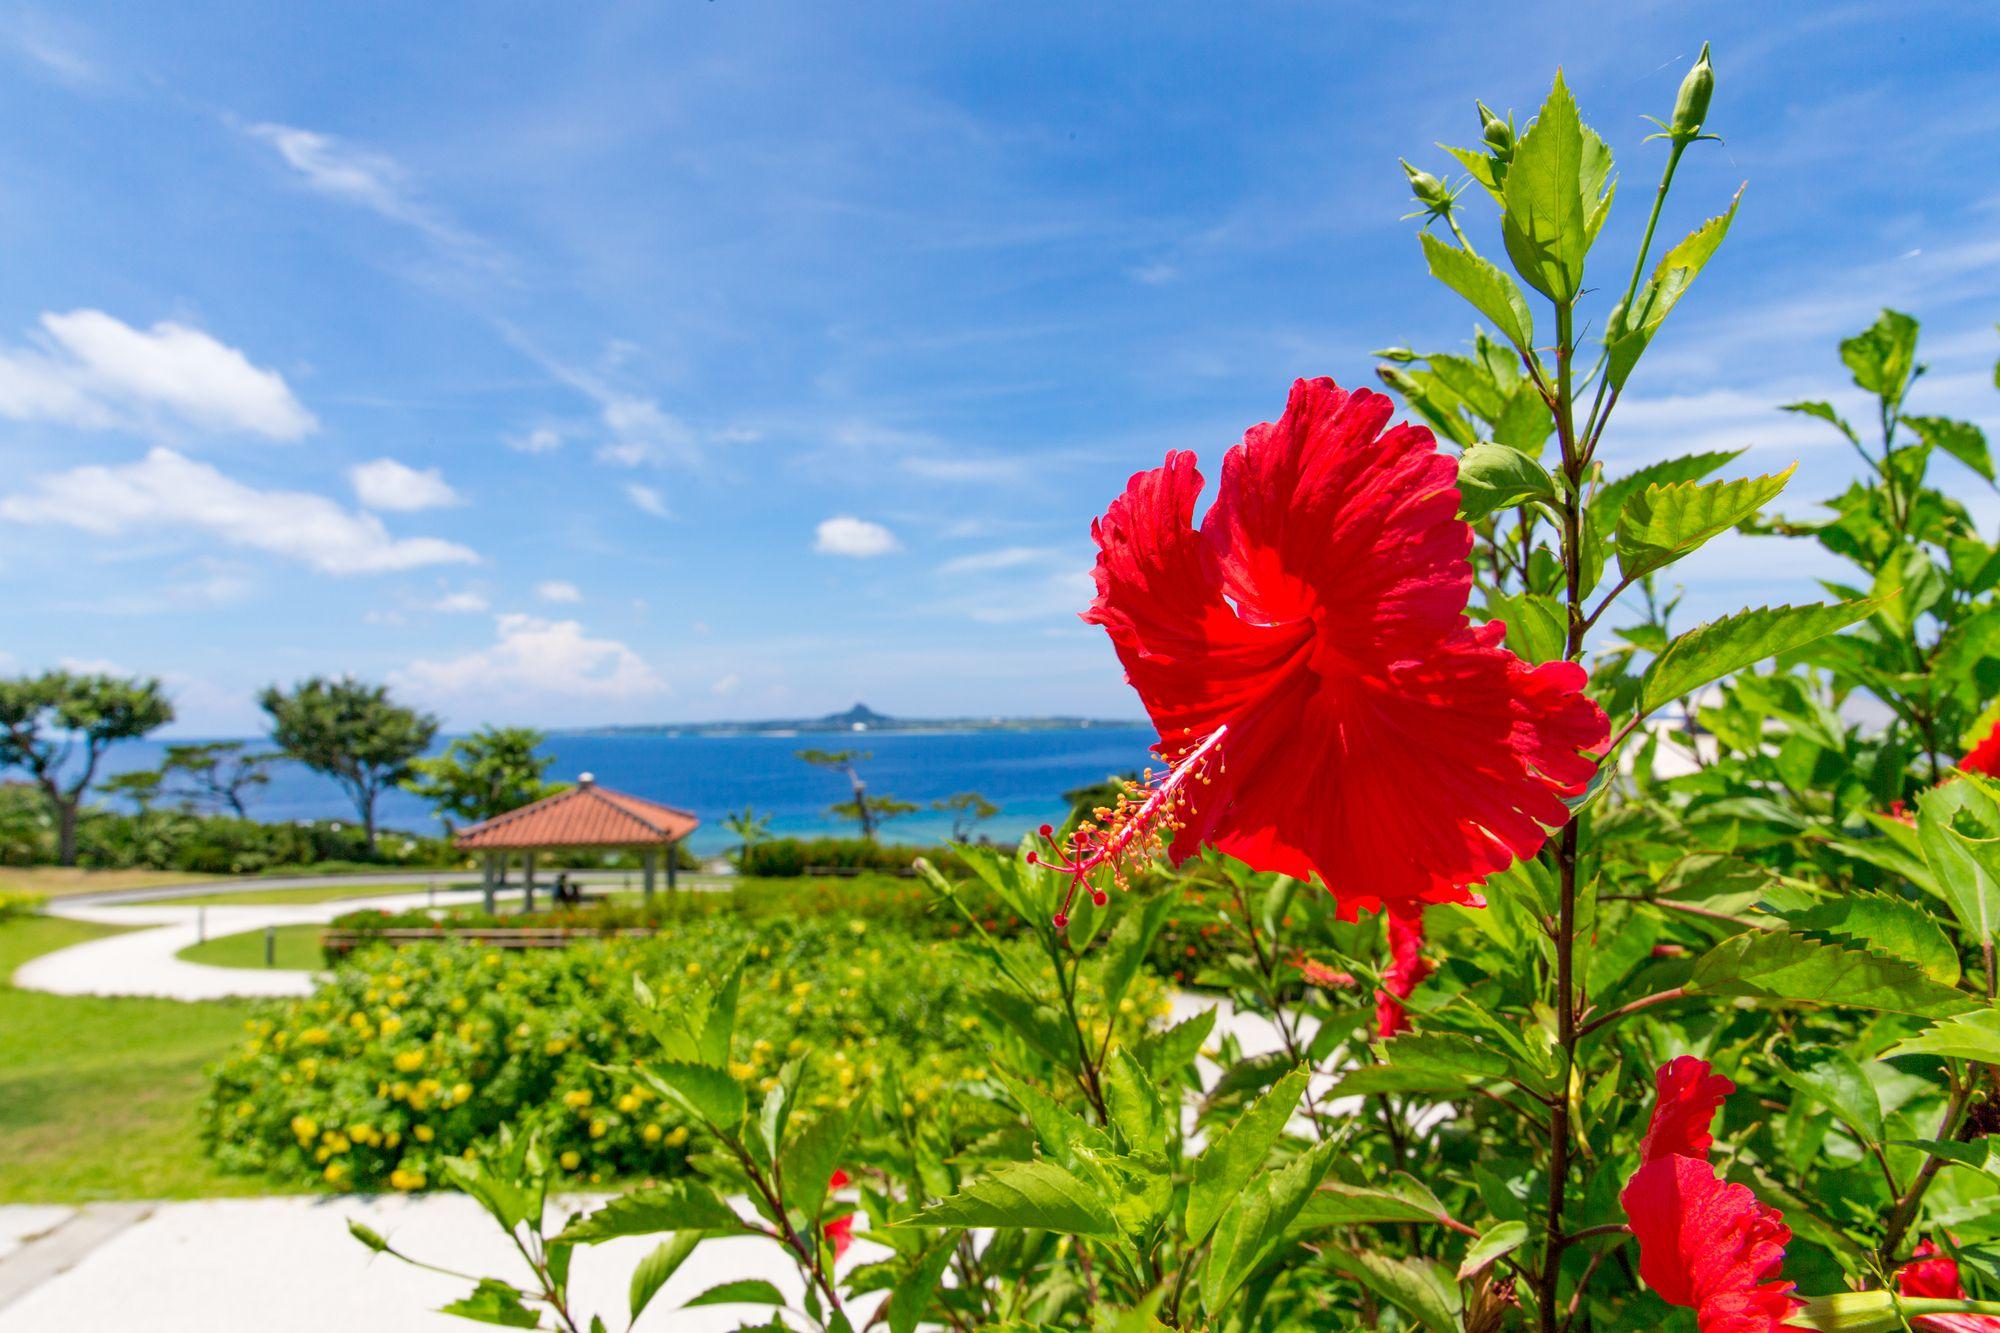 沖縄の風景。わたしたちの失敗